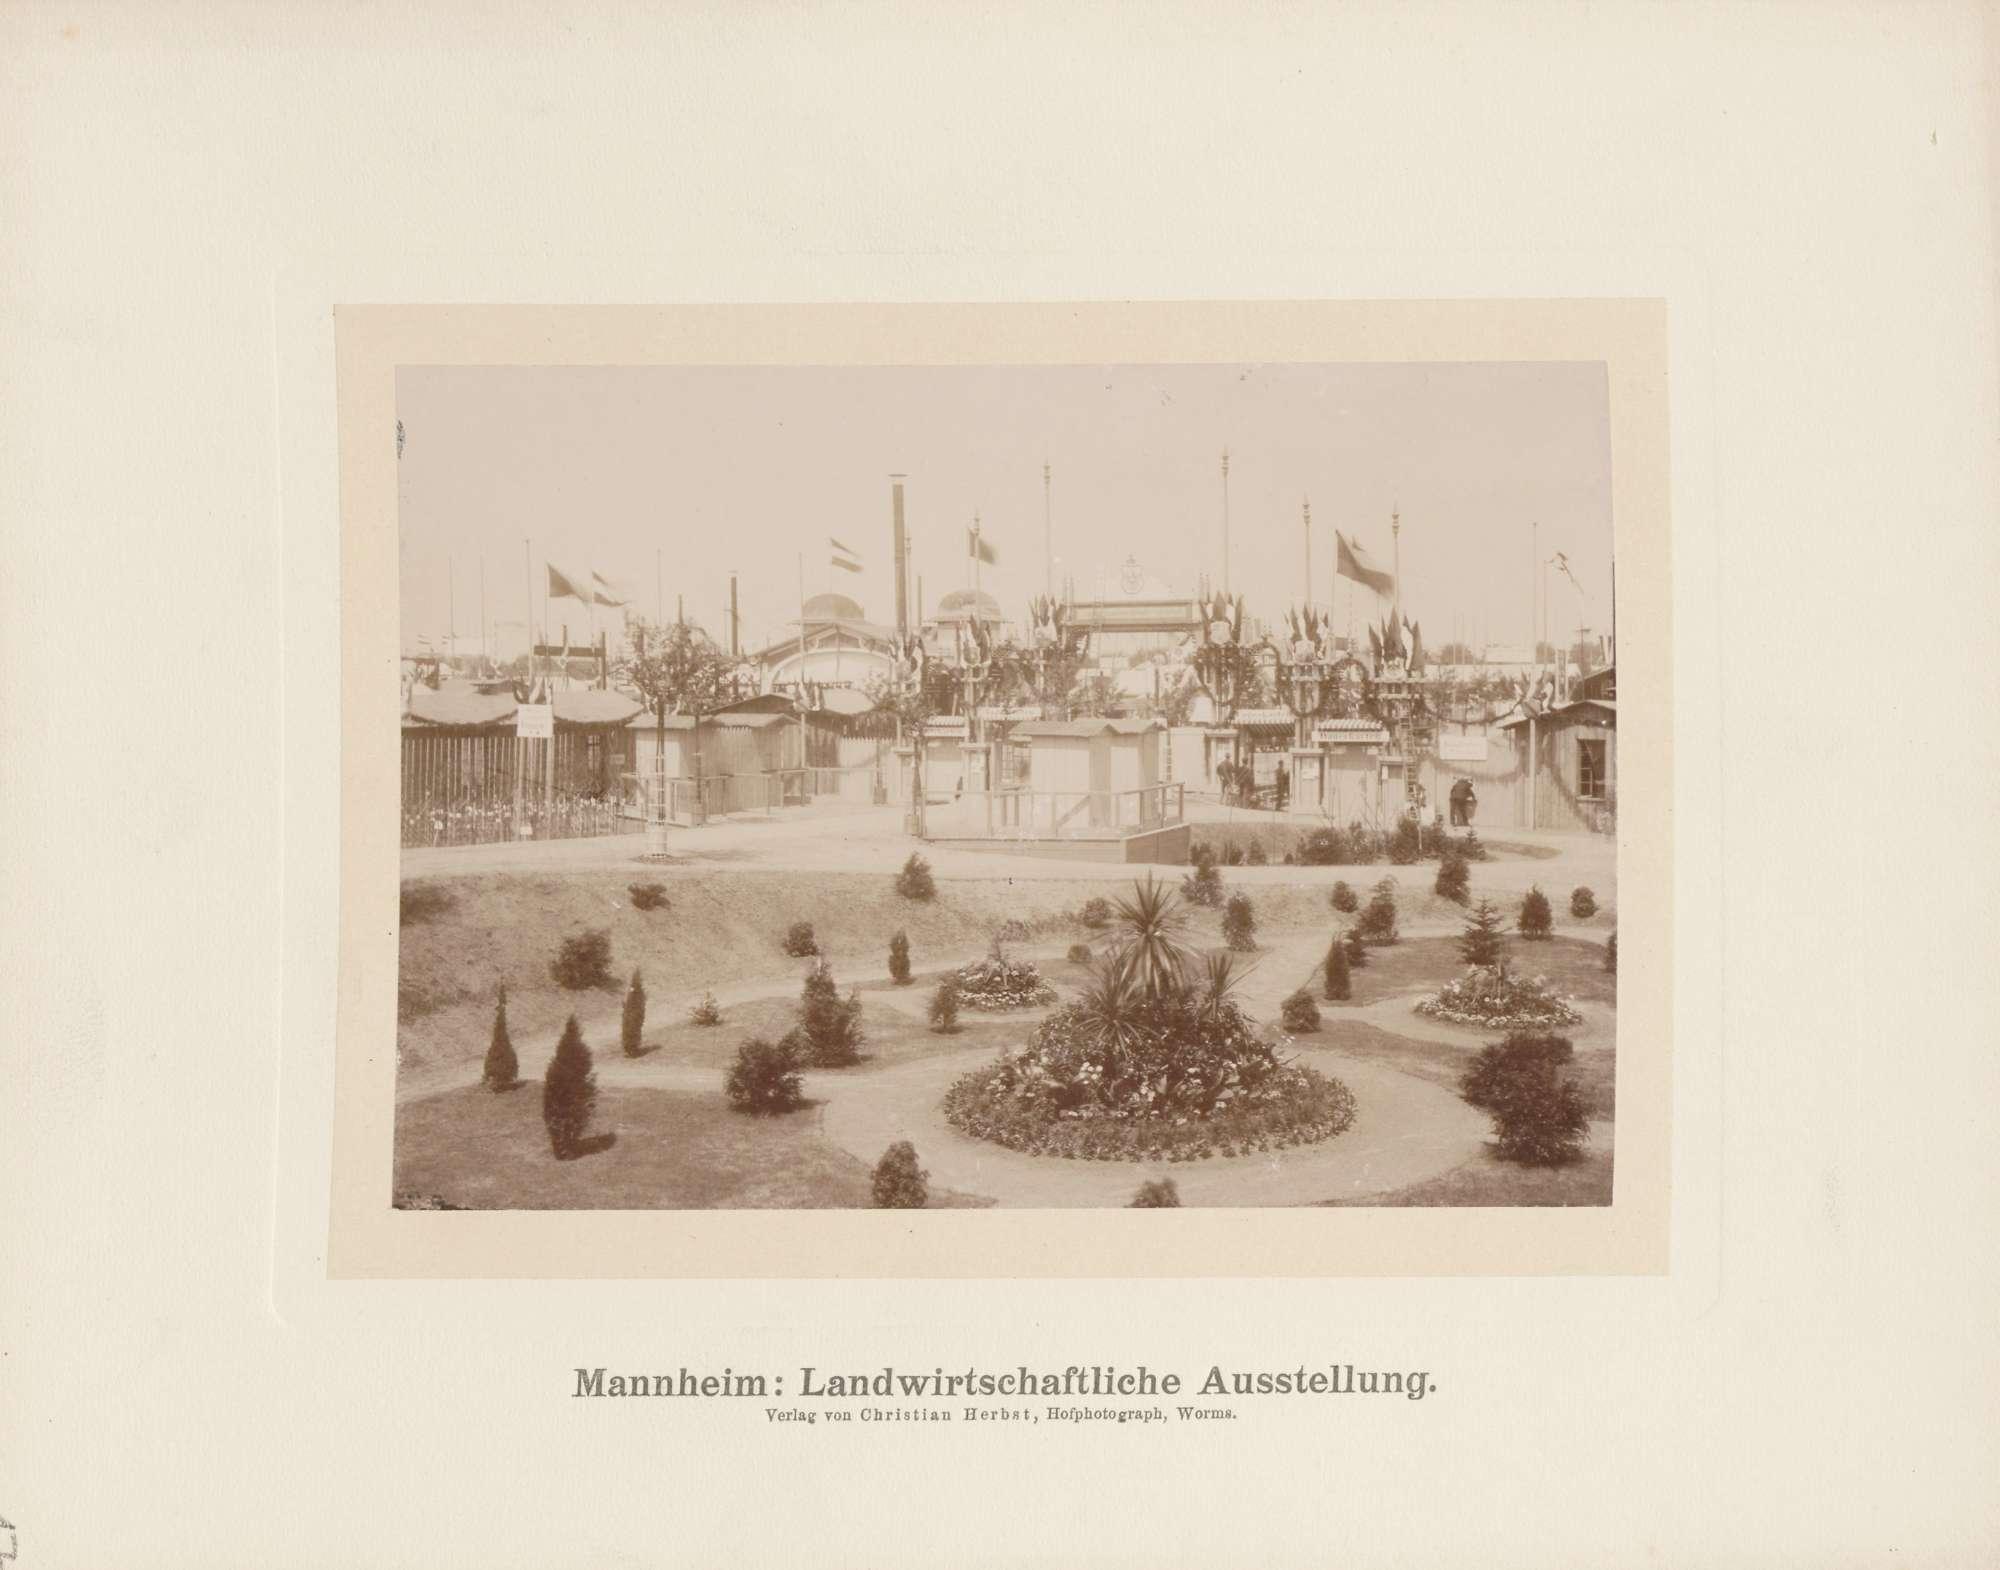 Landwirtschaftliche Ausstellung in Mannheim, Bild 1